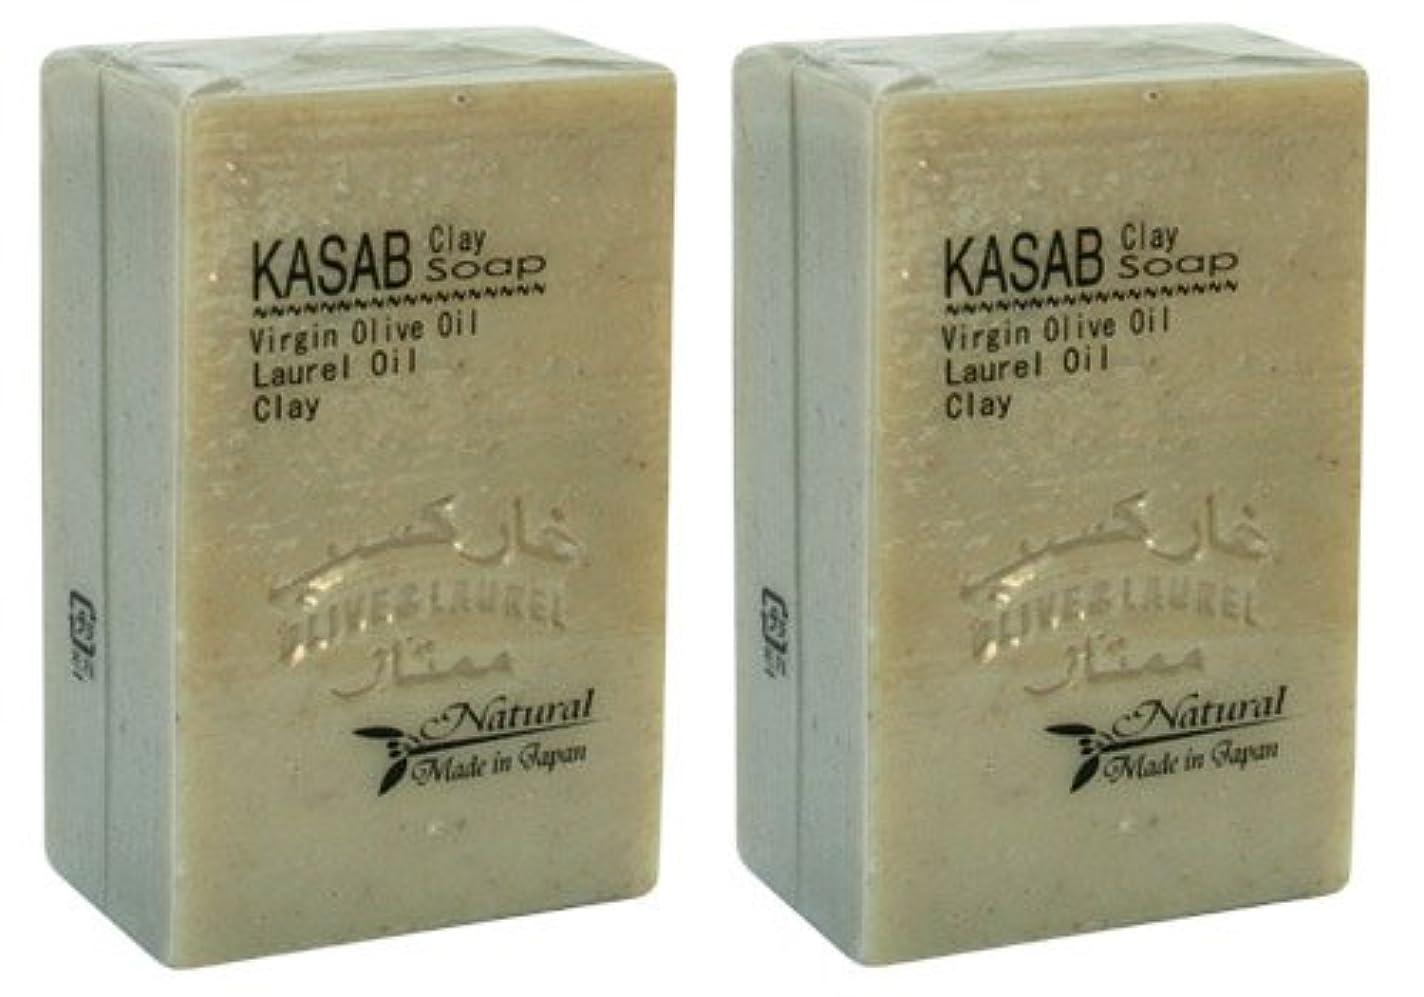 リズム配列部門カサブクレイ石鹸2個セット